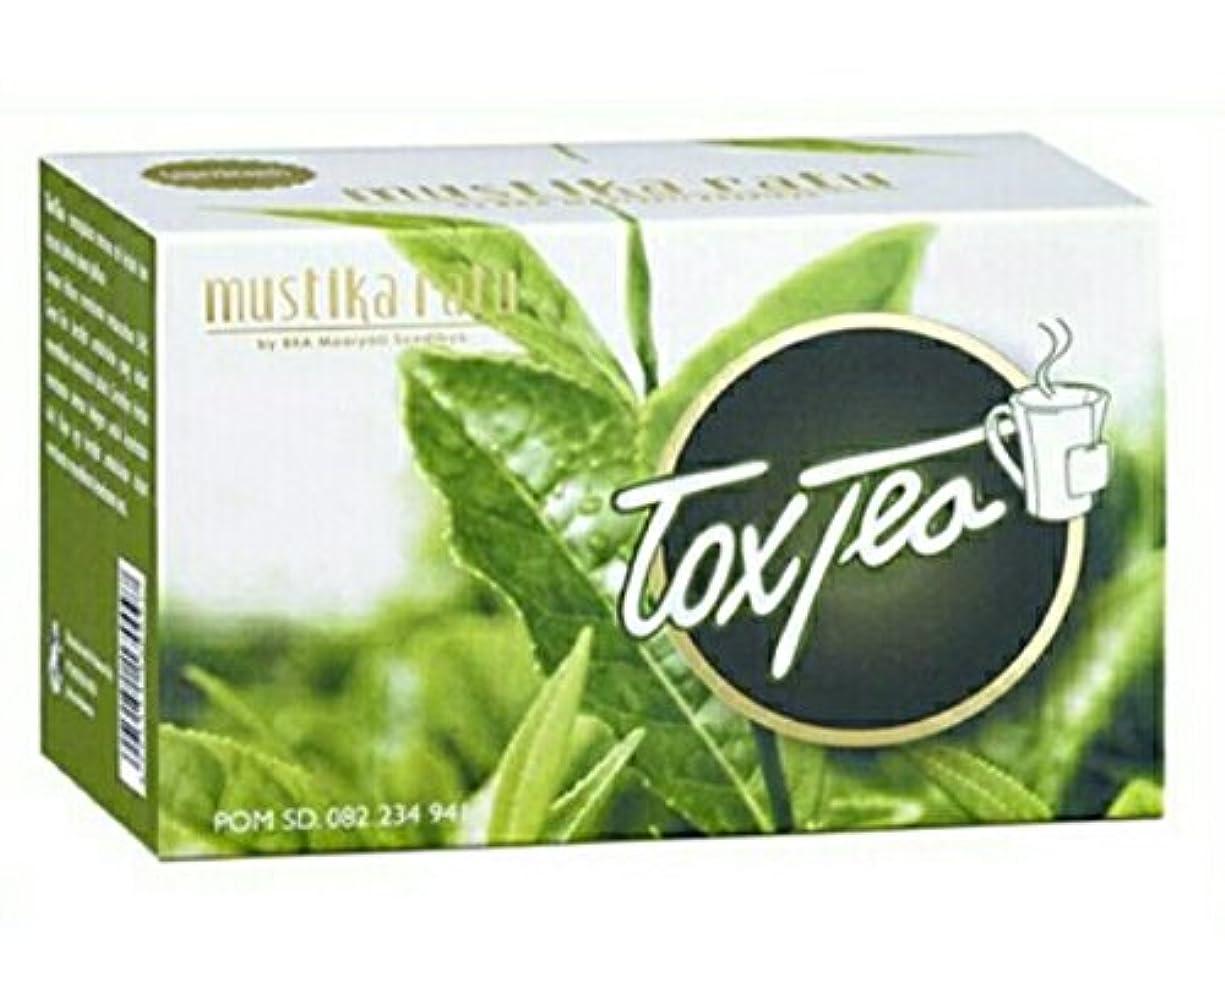 ピストル死んでいるシャベルMustika ratu Tea ムスティカラトゥトックスティー3箱x 15個のティーバッグ= 45個のティーバッグ